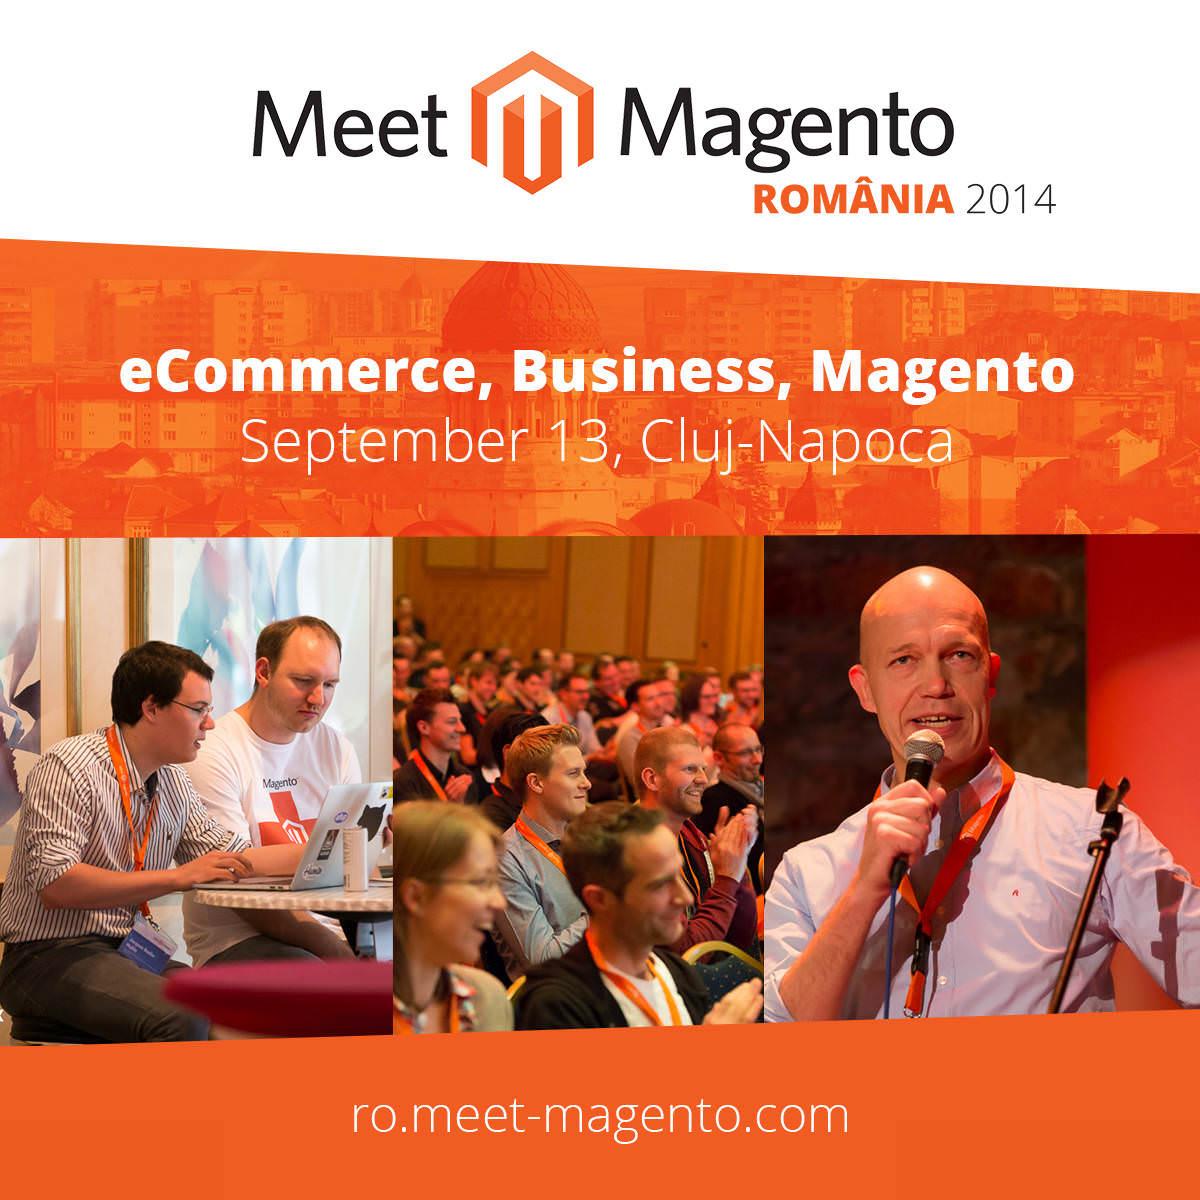 Meet-Magento_general_1200